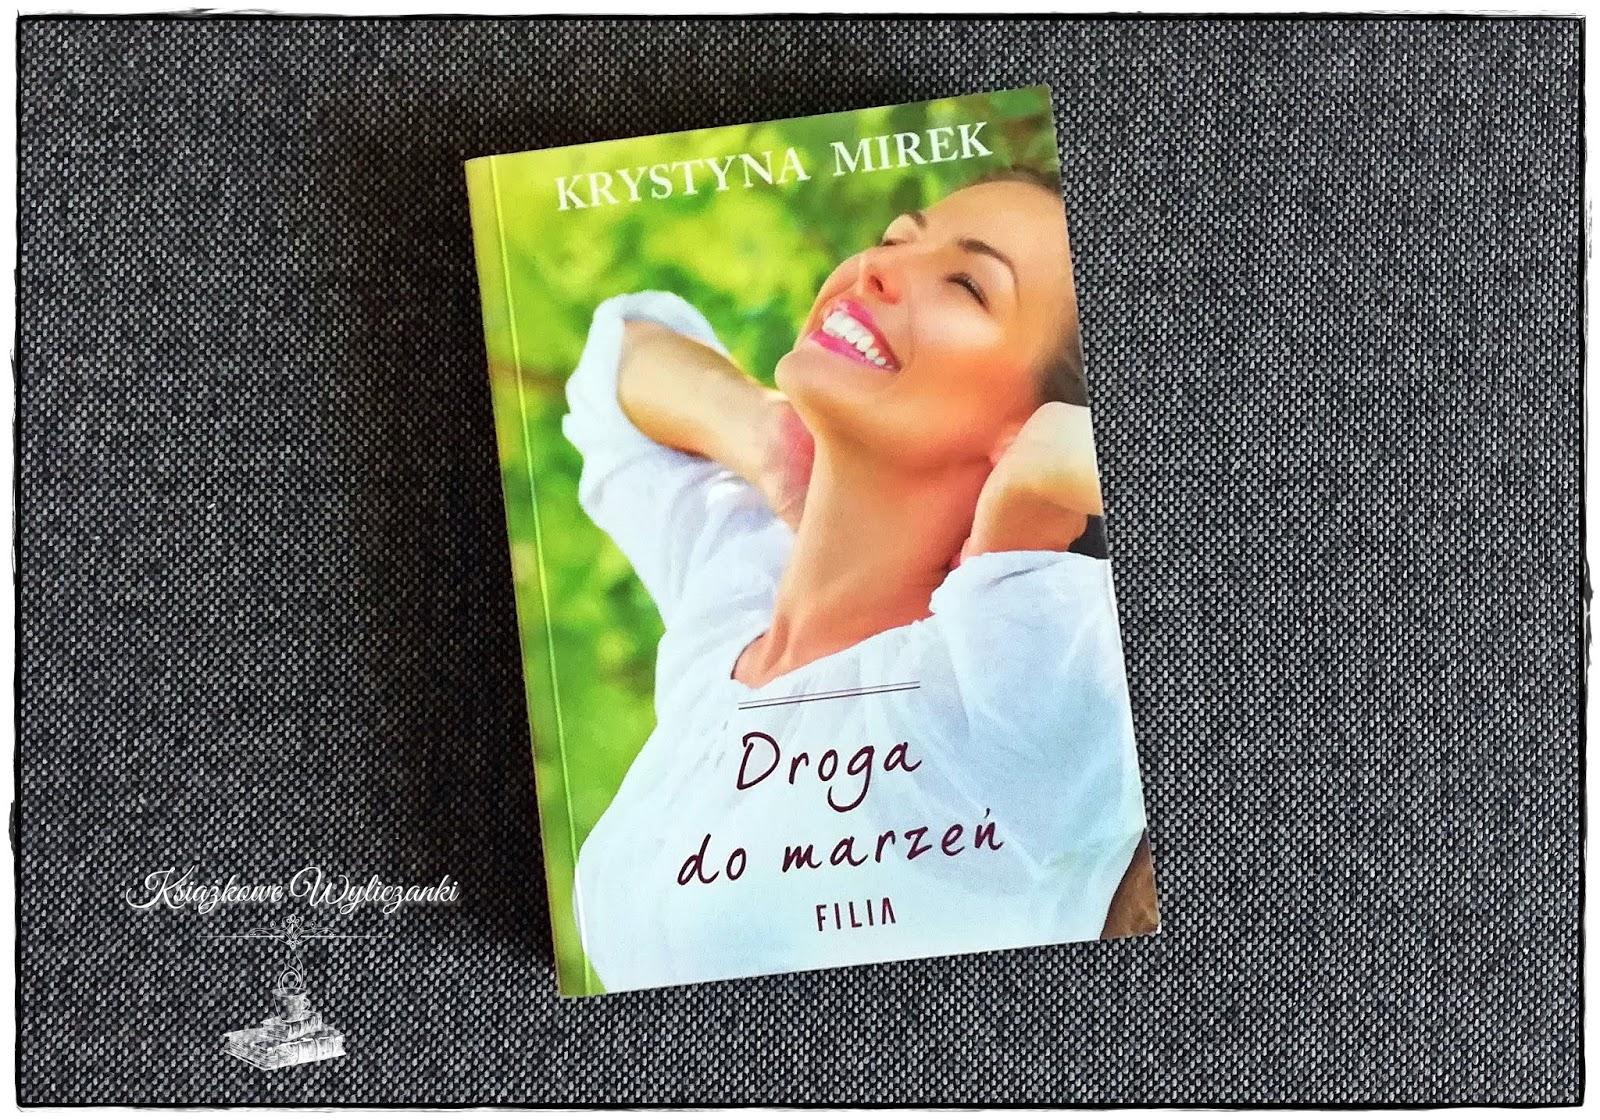 """Jak wygląda """"Droga do marzeń"""" Krystyna Mirek"""